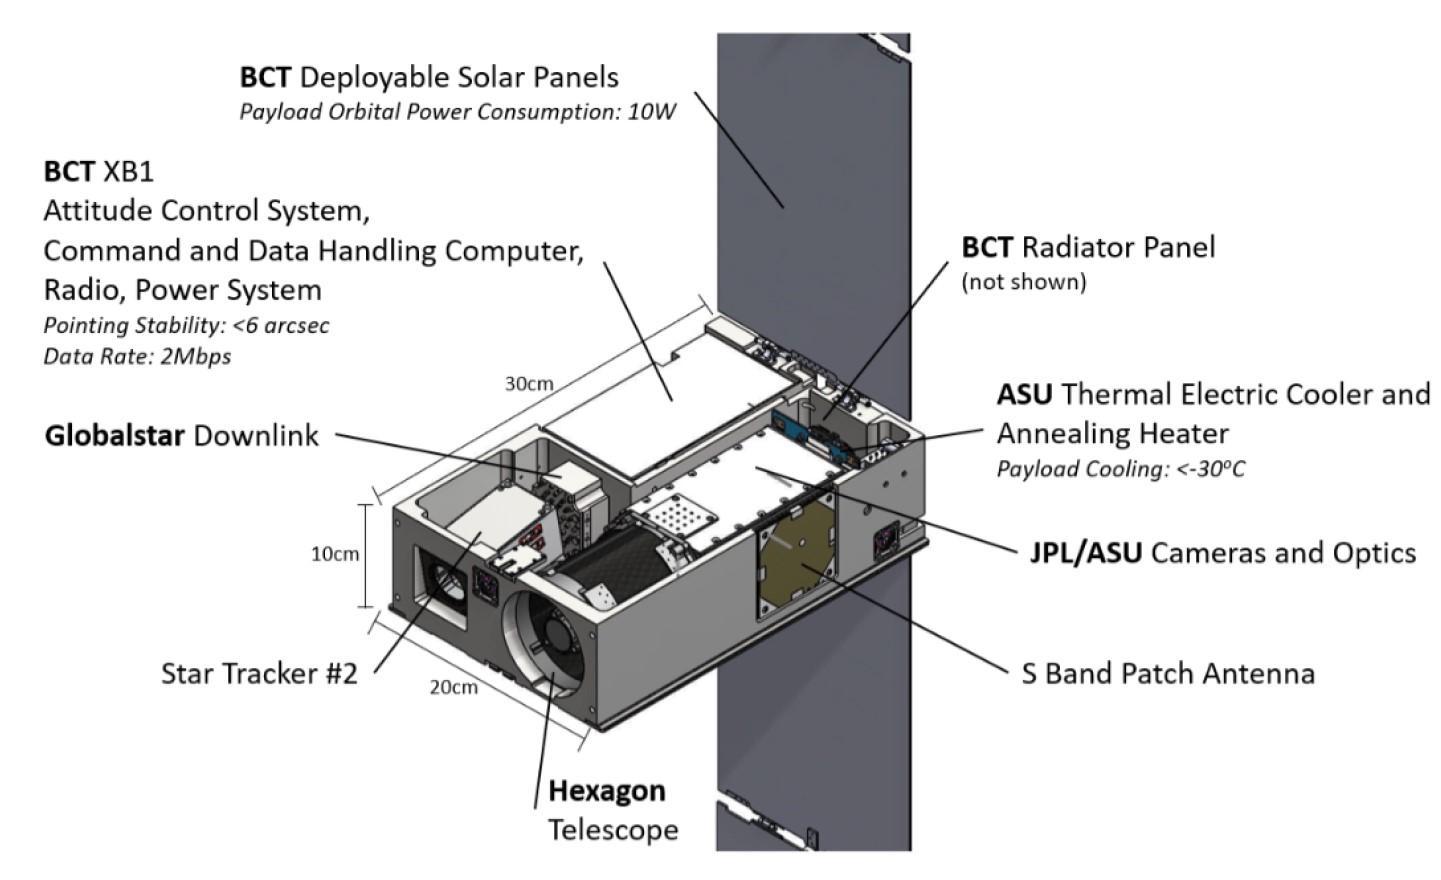 SPARCS Image